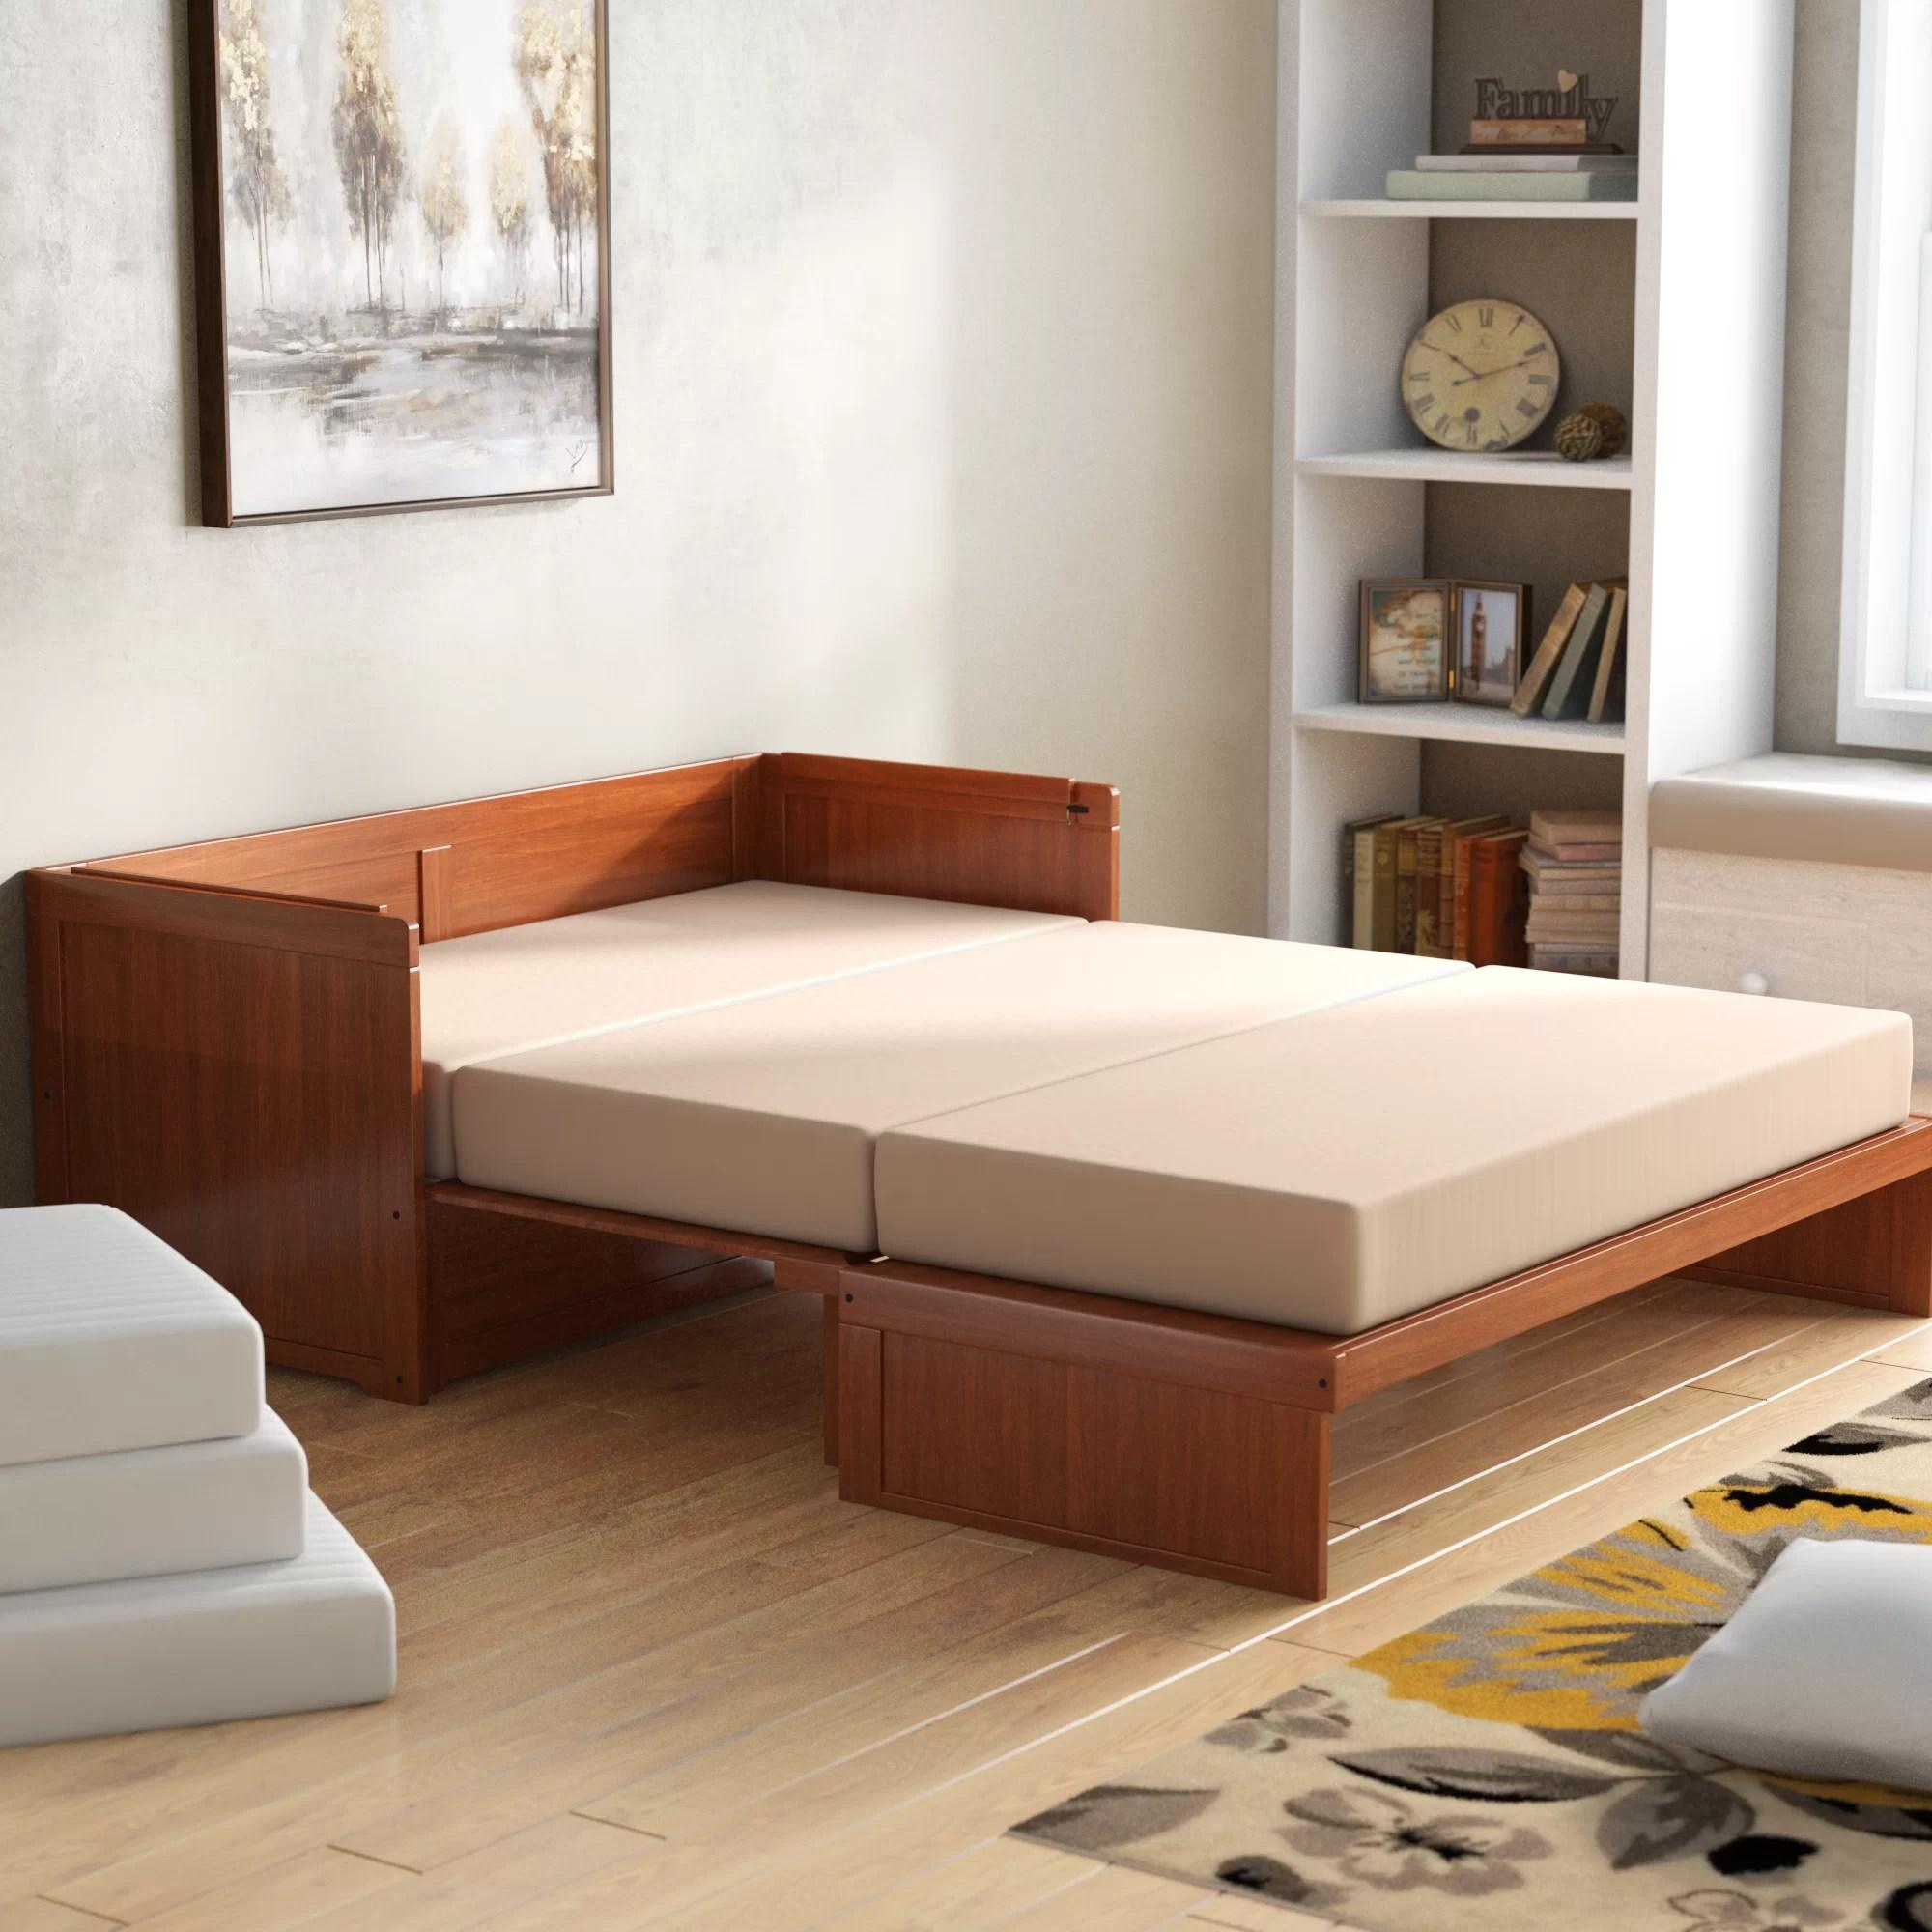 giannini queen murphy bed